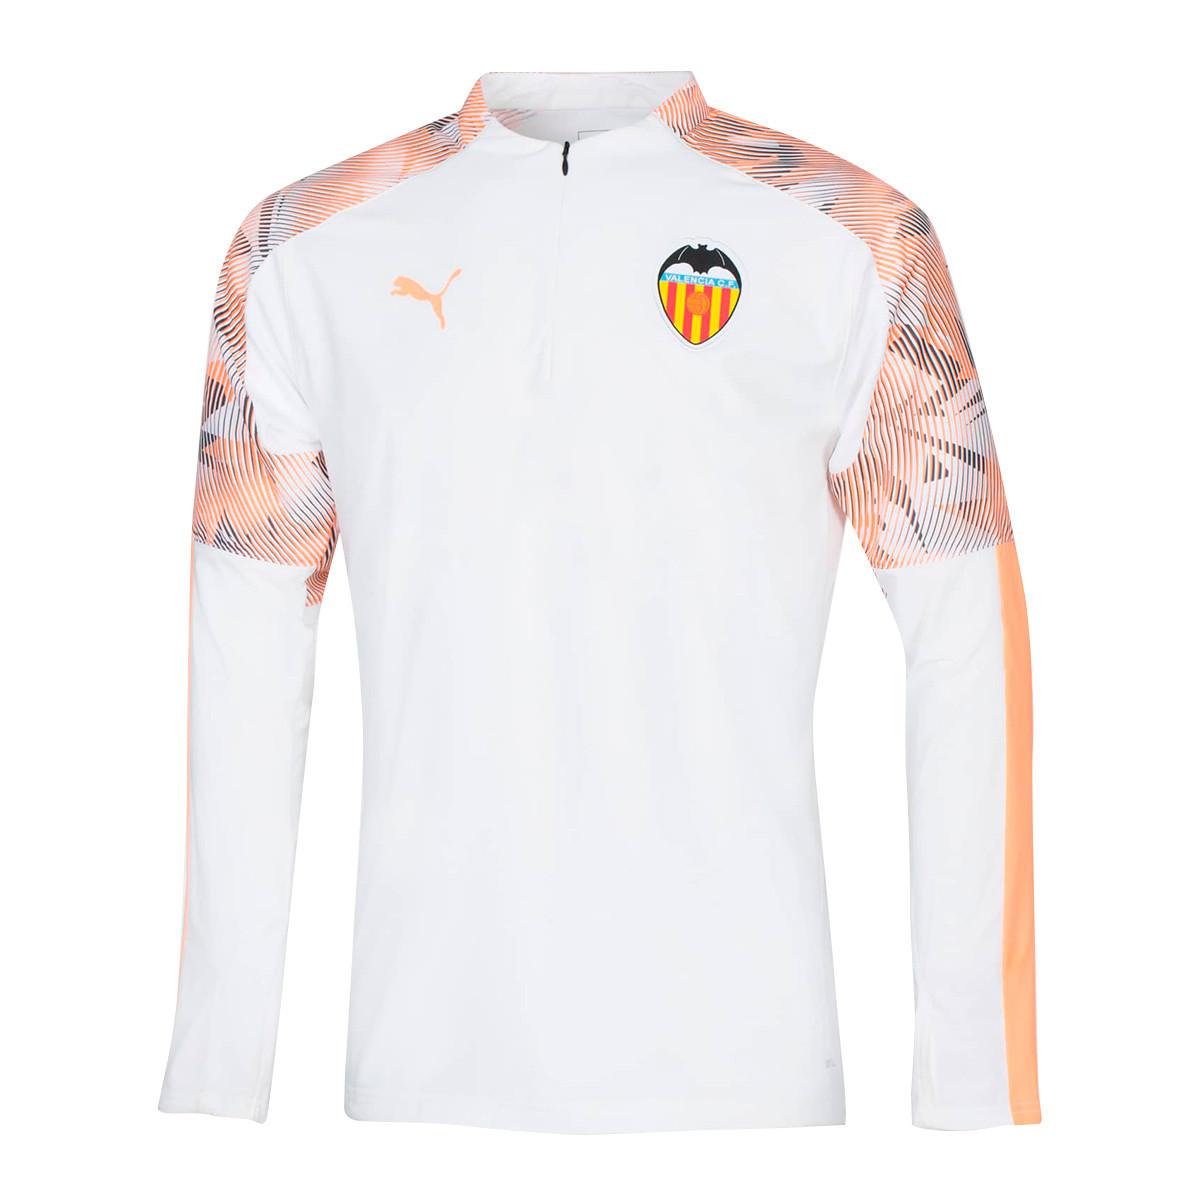 Microordenador Derechos de autor Desfavorable  Sweatshirt Puma Kids Valencia CF Training Top 2019-2020 Puma white ...